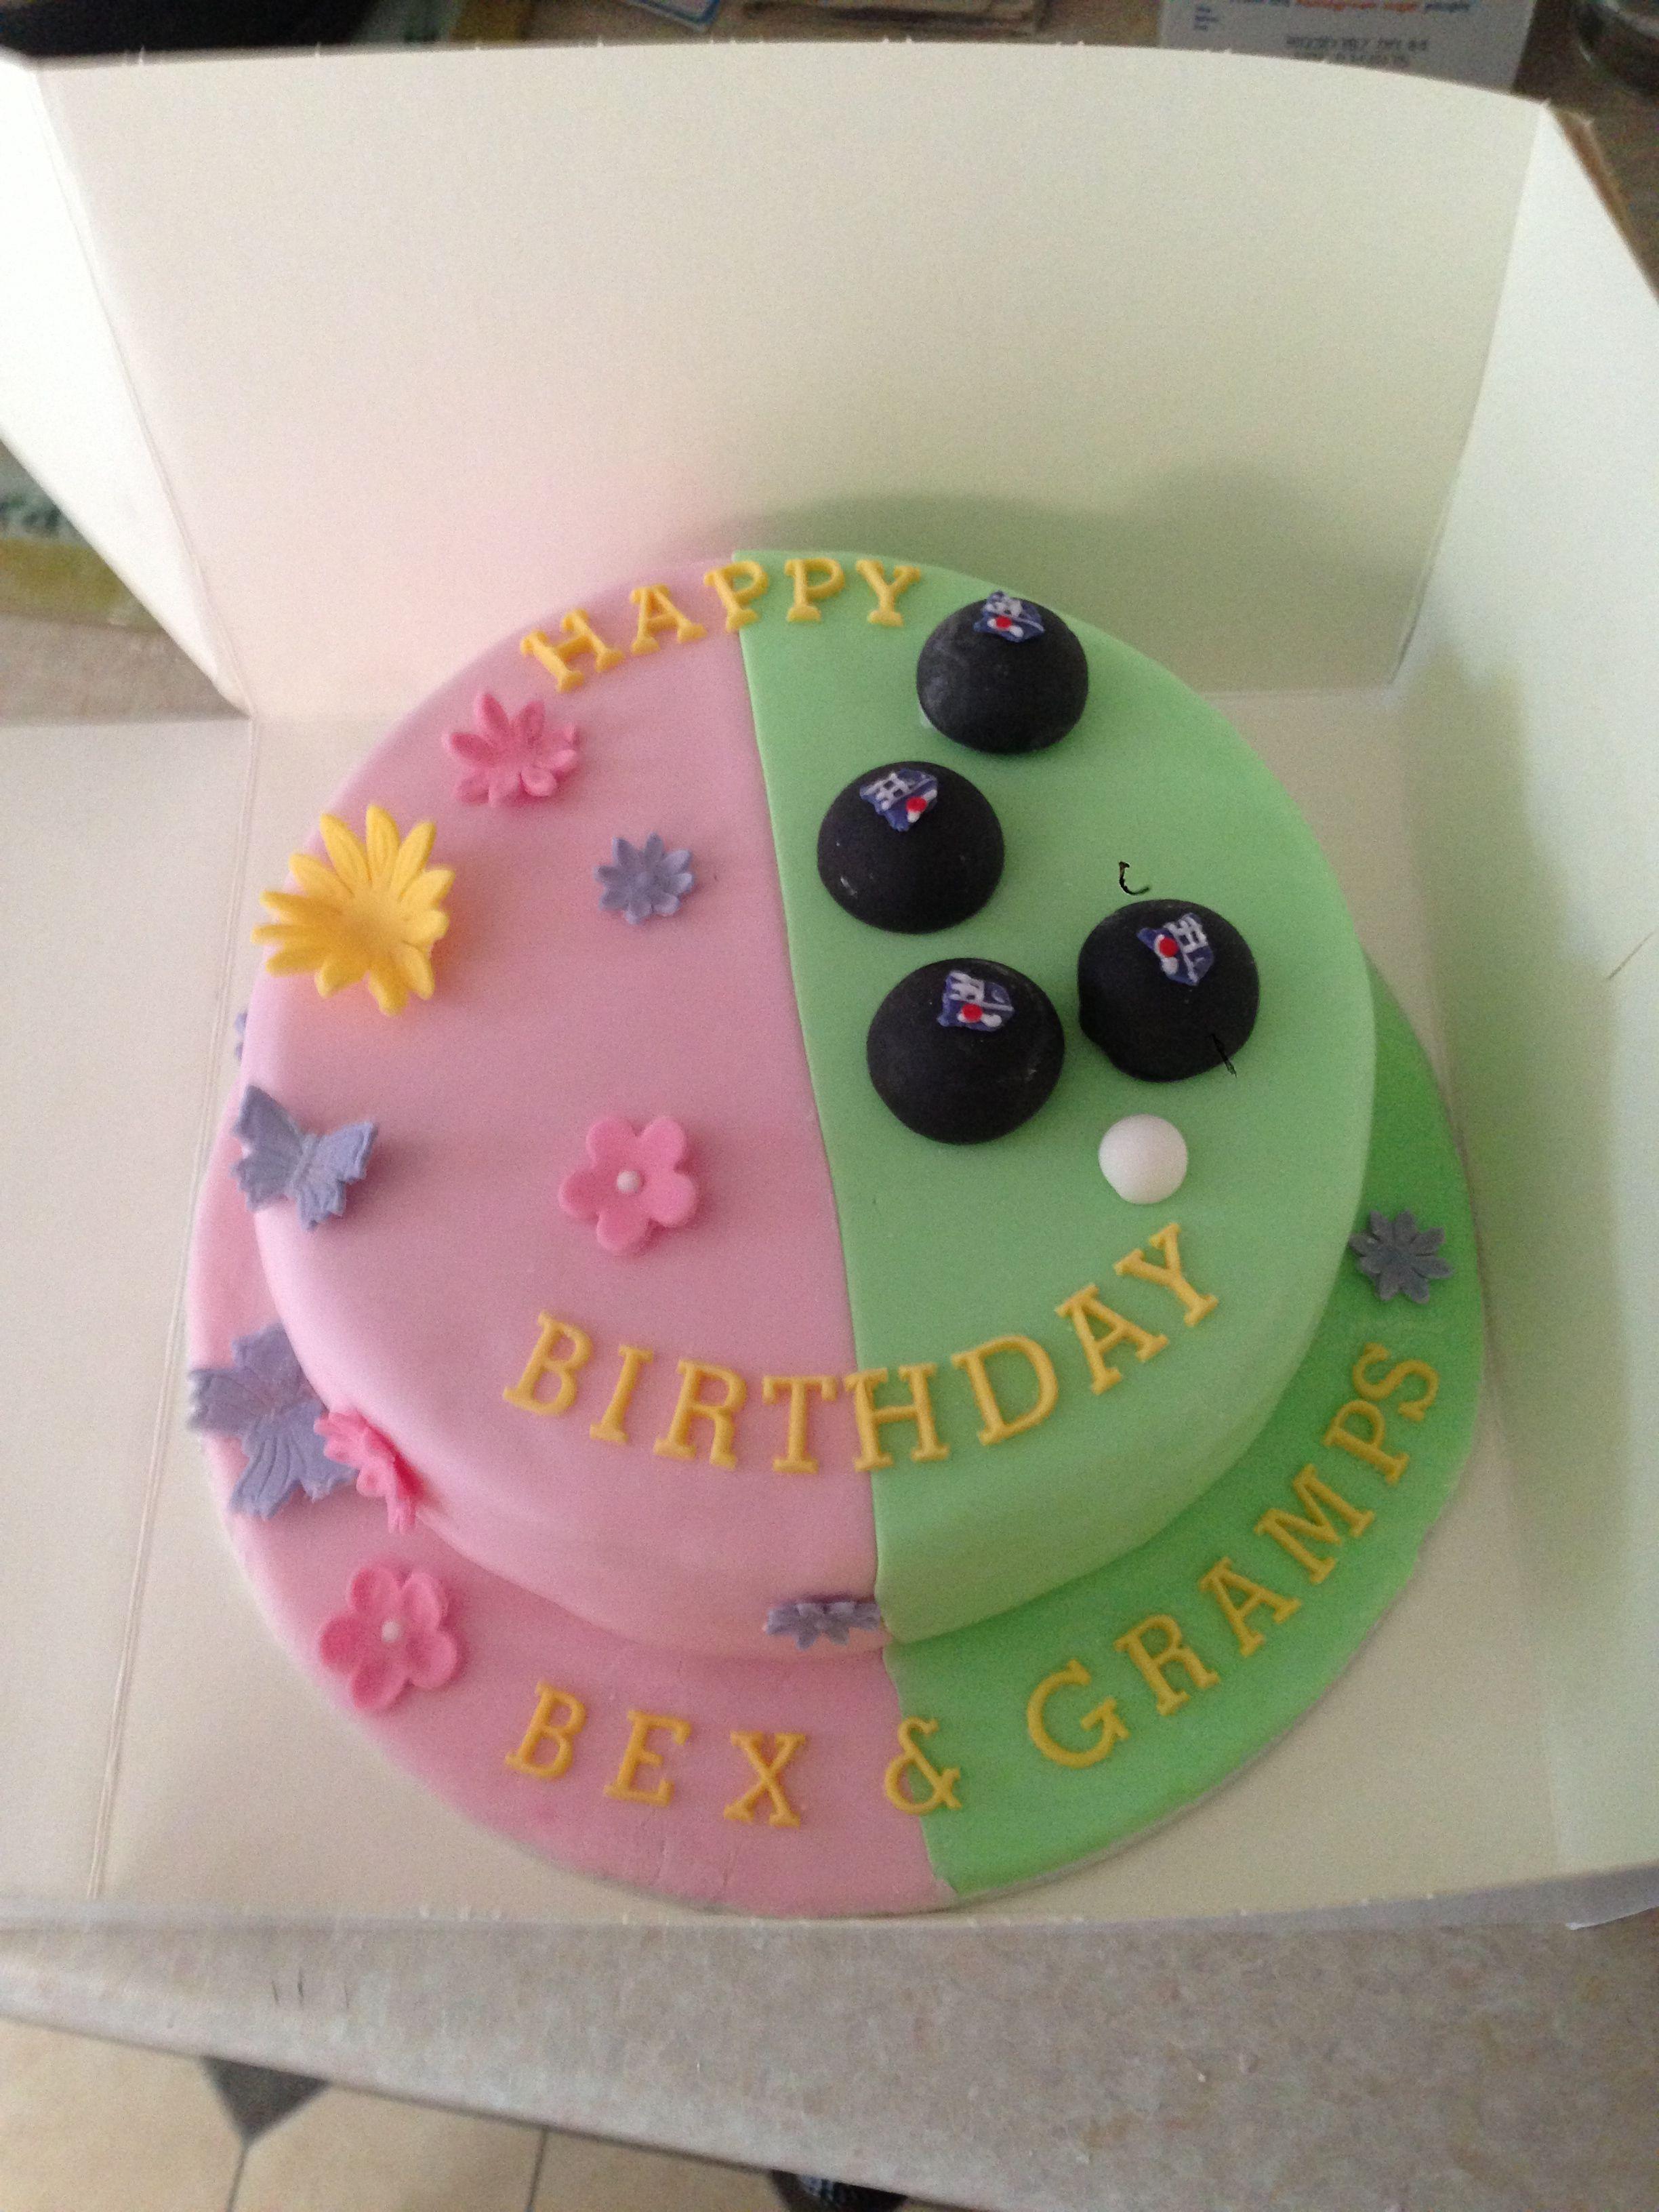 Daughter dad cake